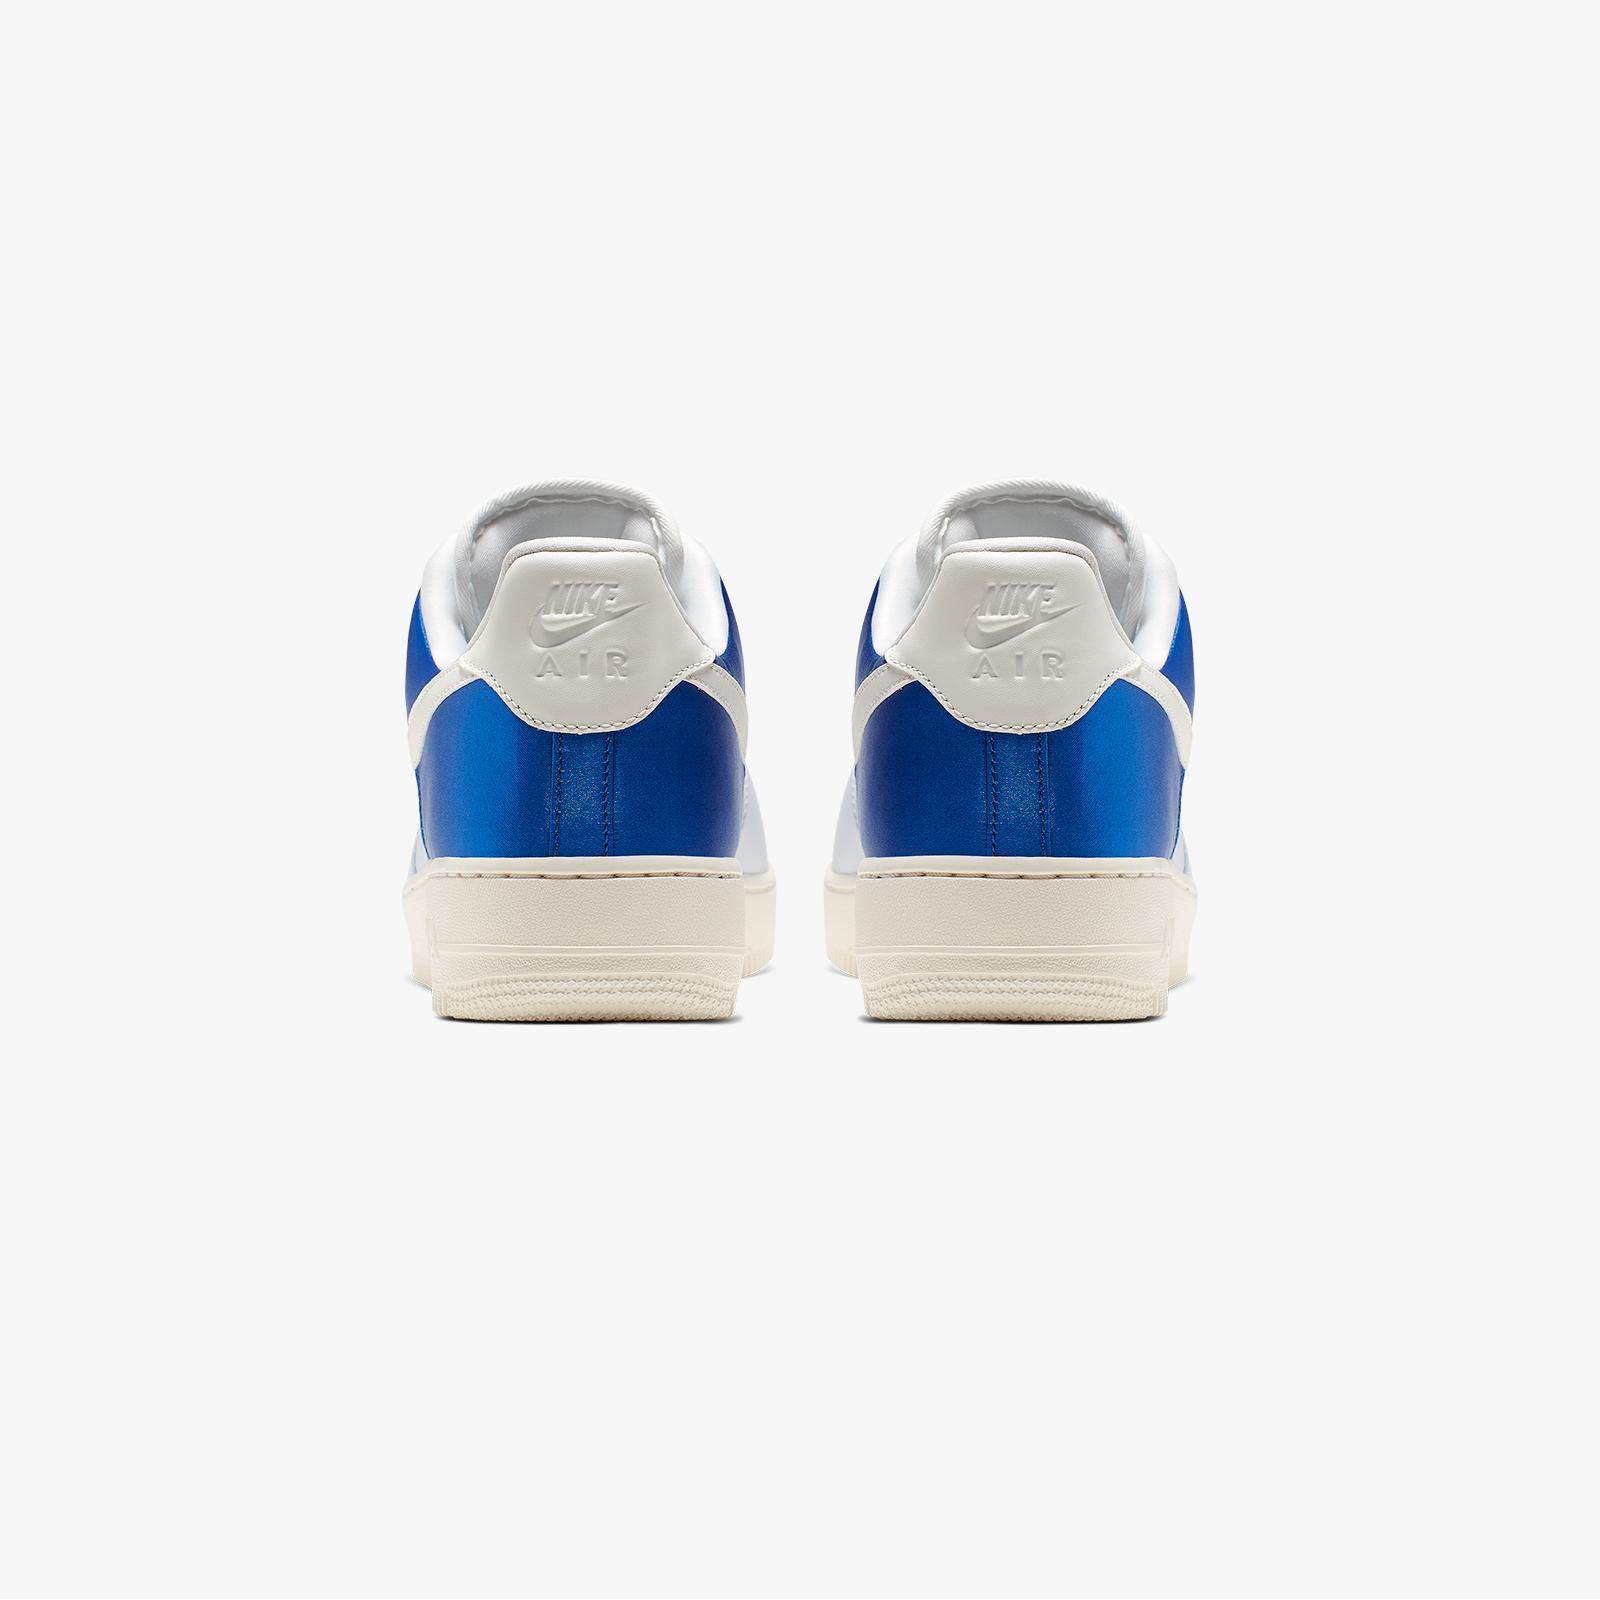 Nike Air Force 1 07 QS Ah8462 401 Sneakersnstuff